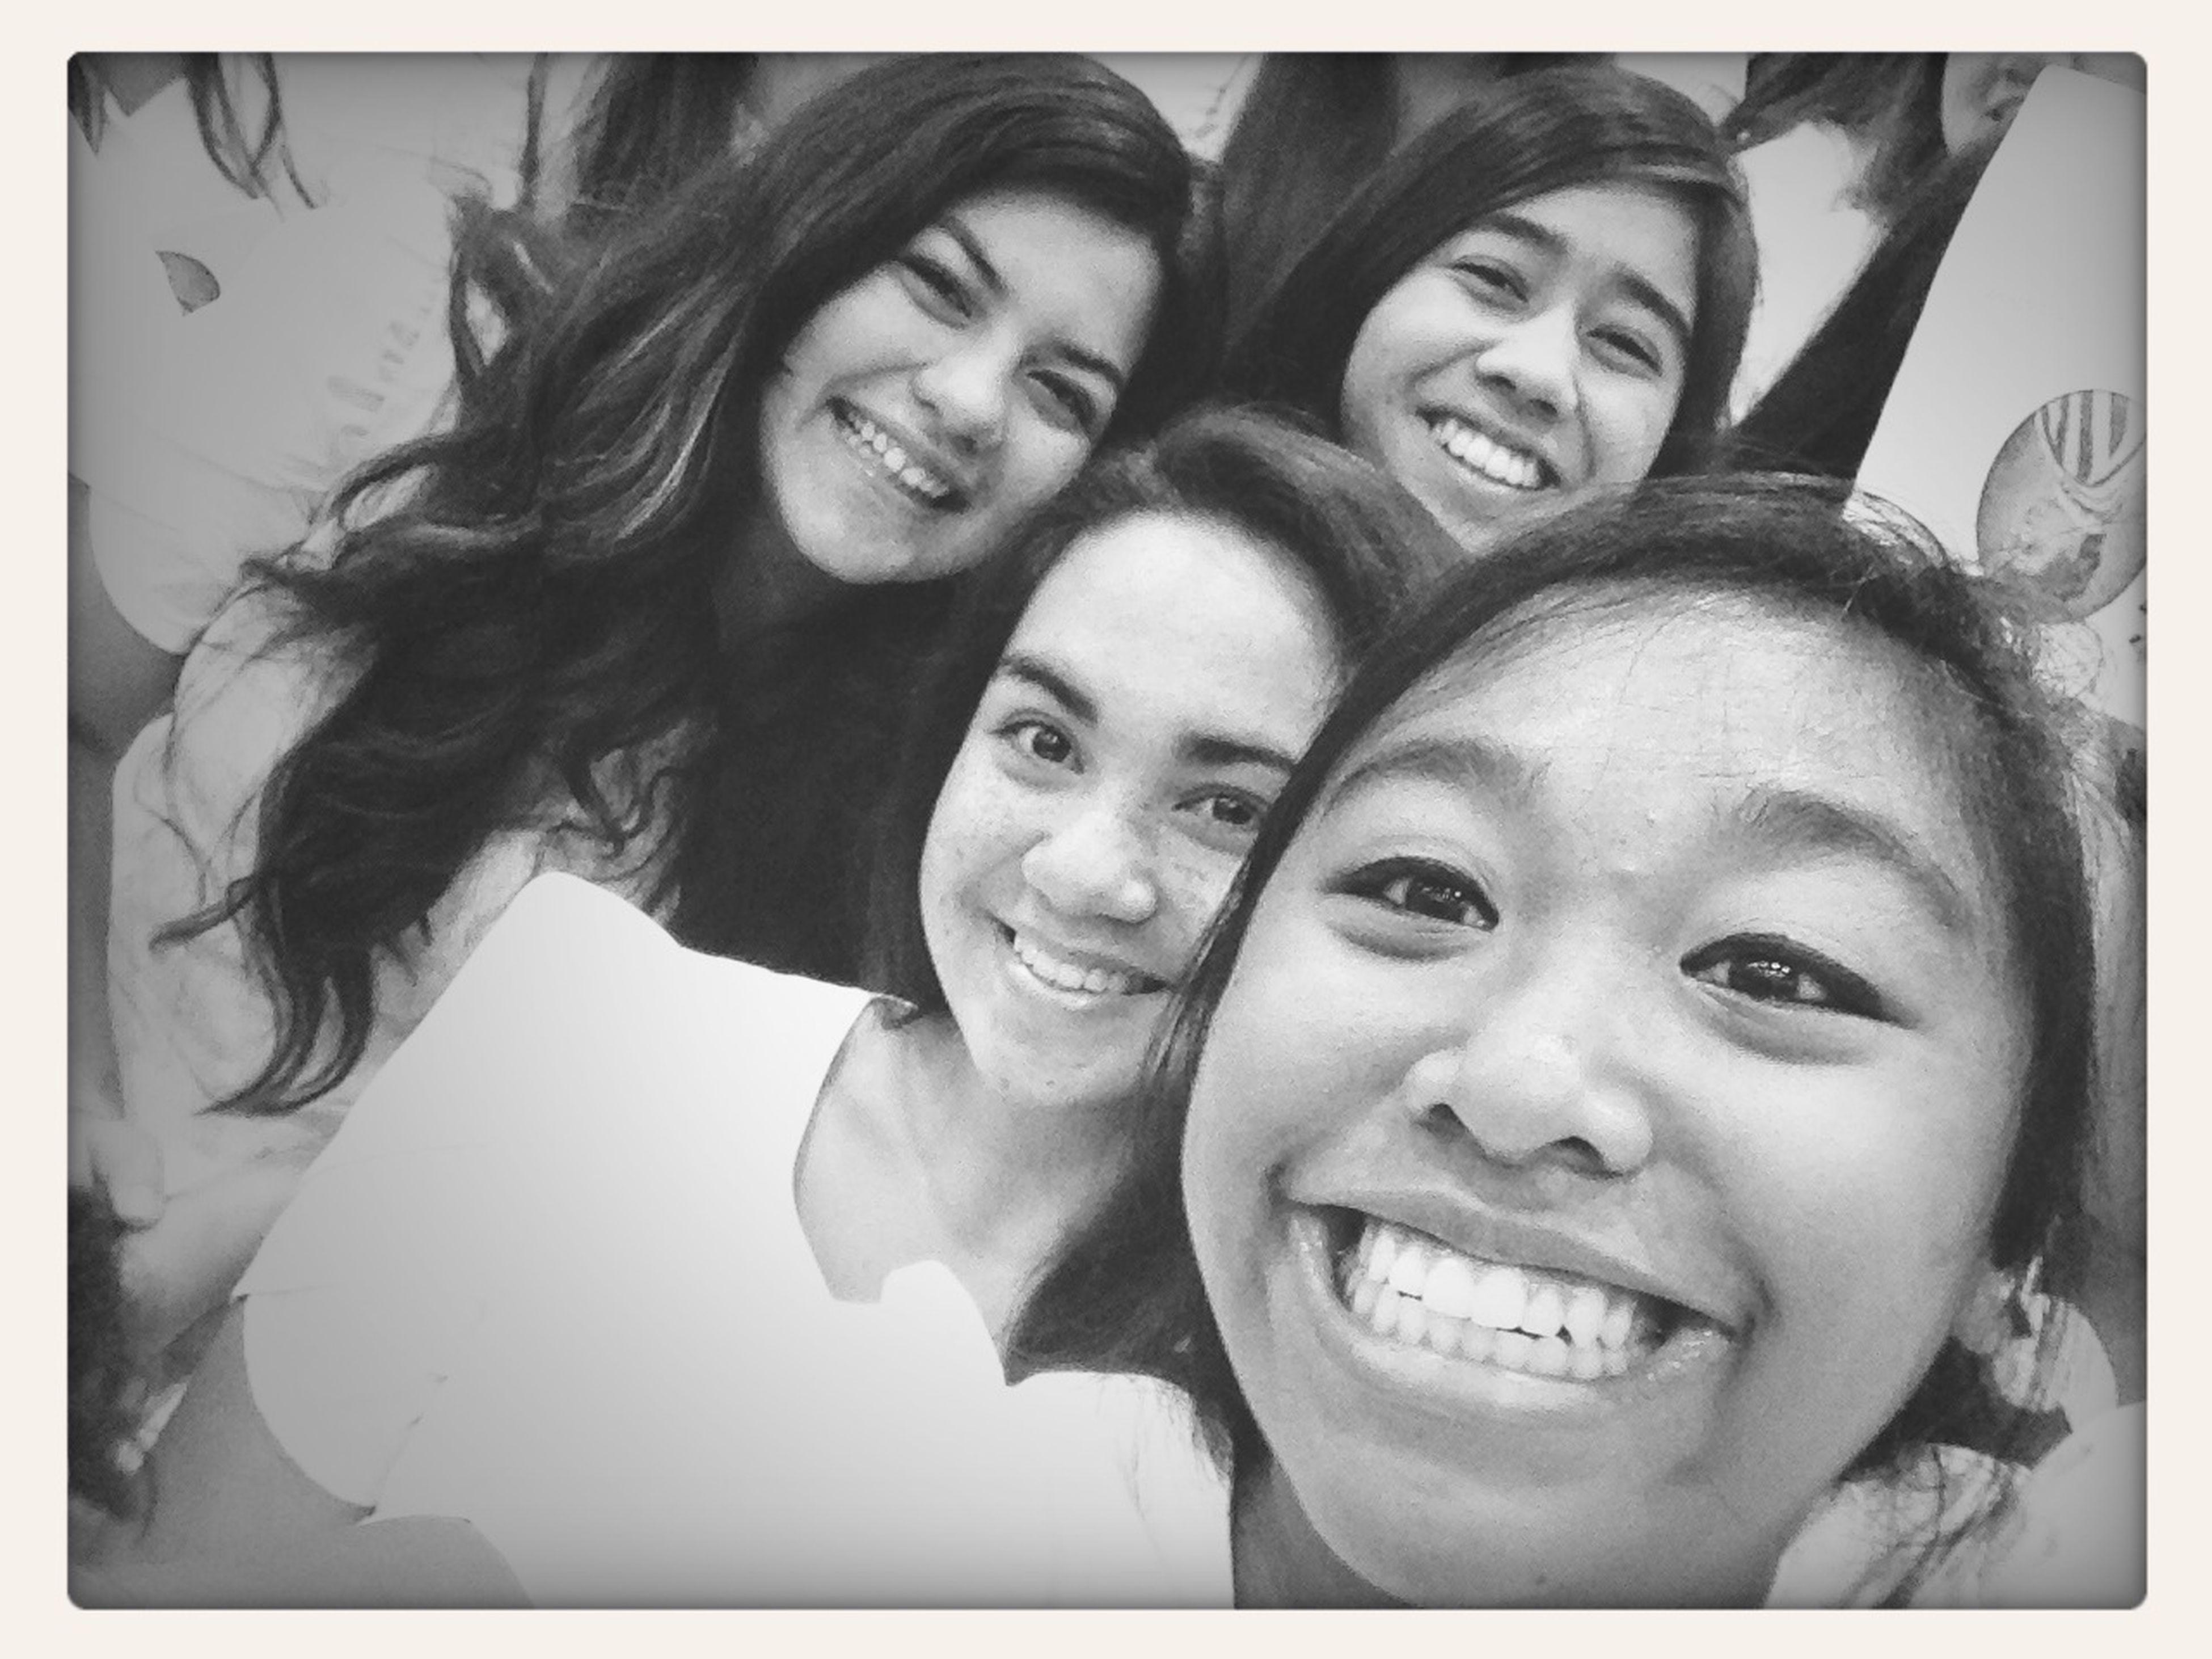 I miss them already